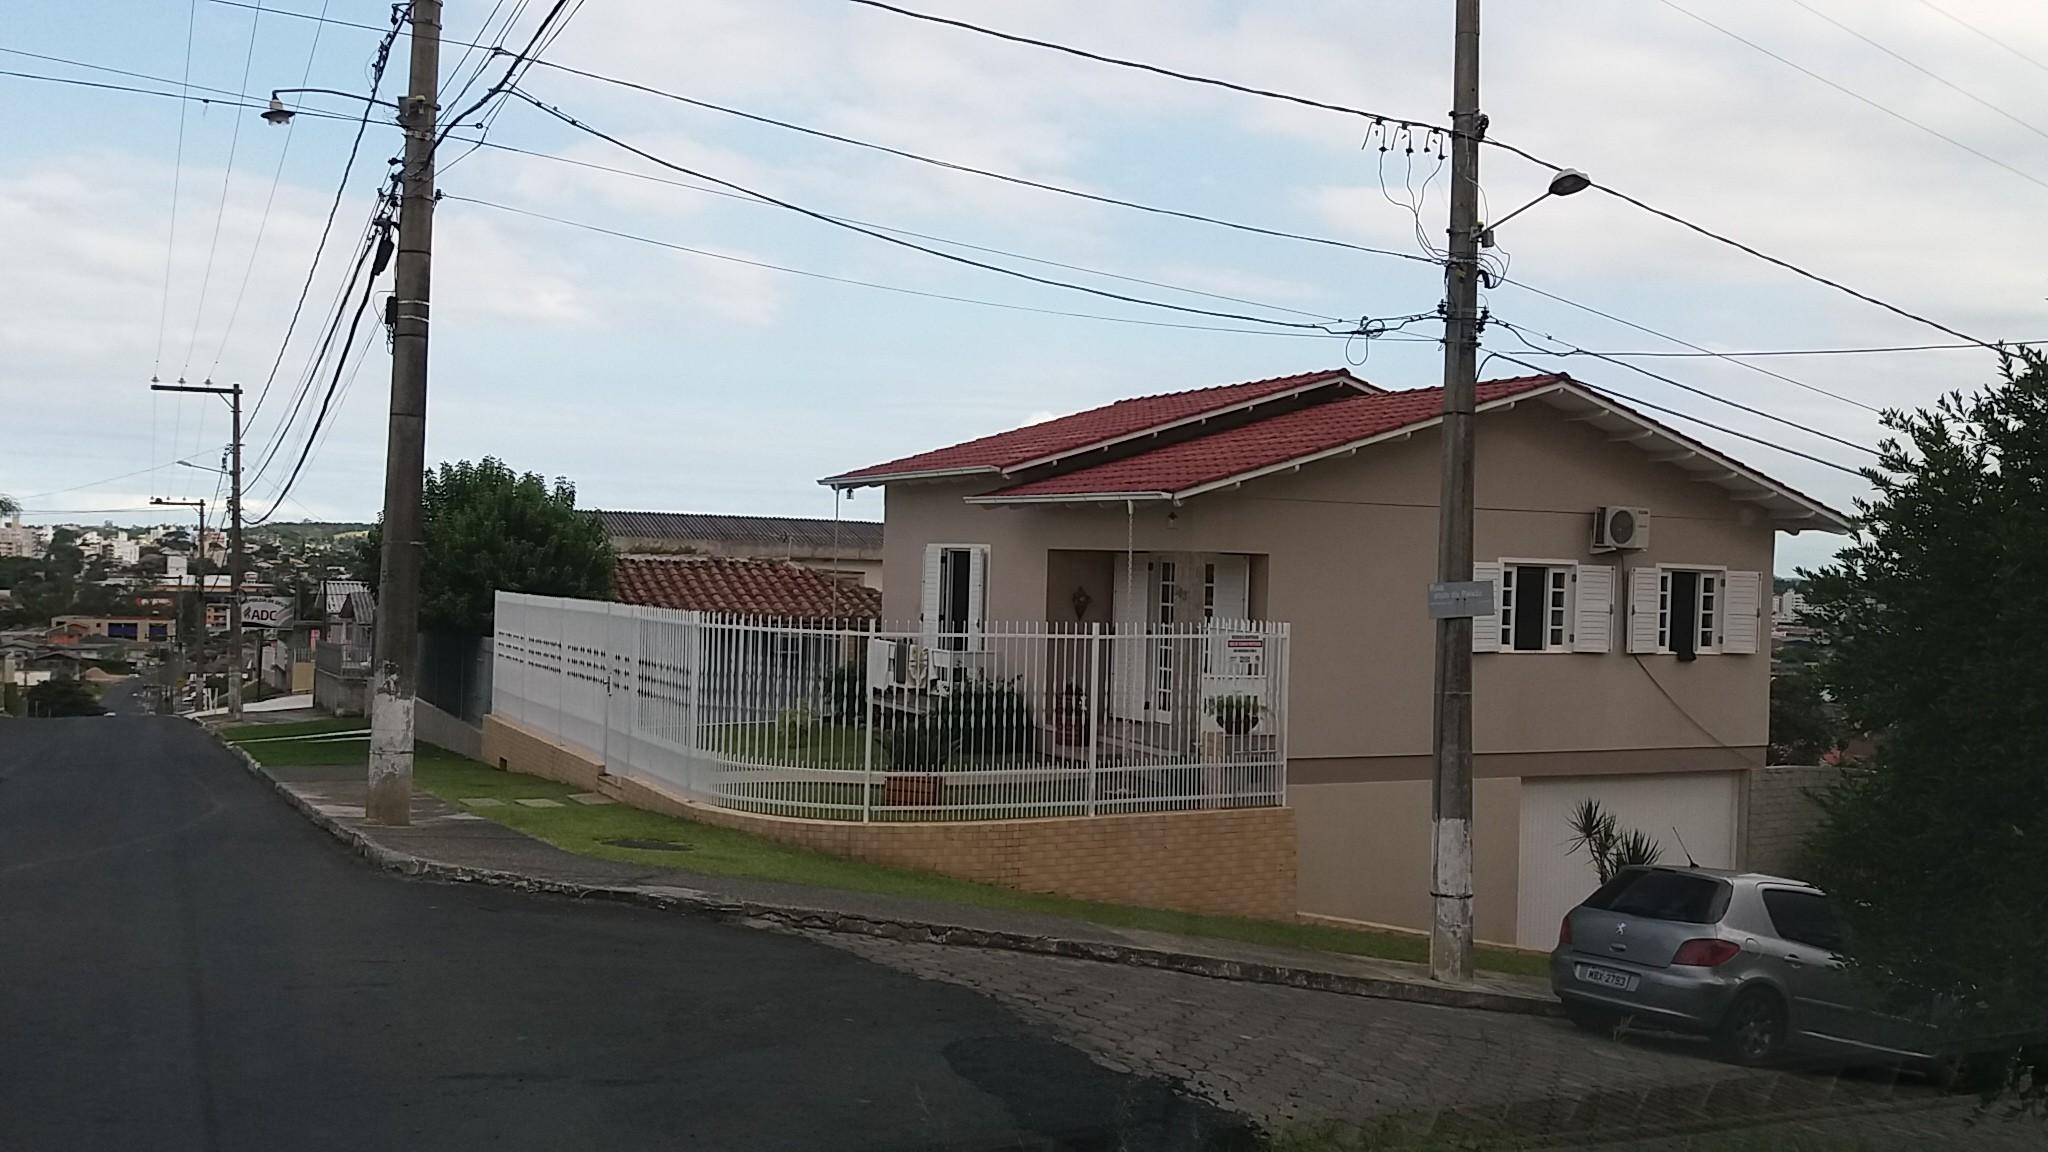 Leilão Simultâneo da 4ª Vara Cível da Comarca de Criciúma/SC.